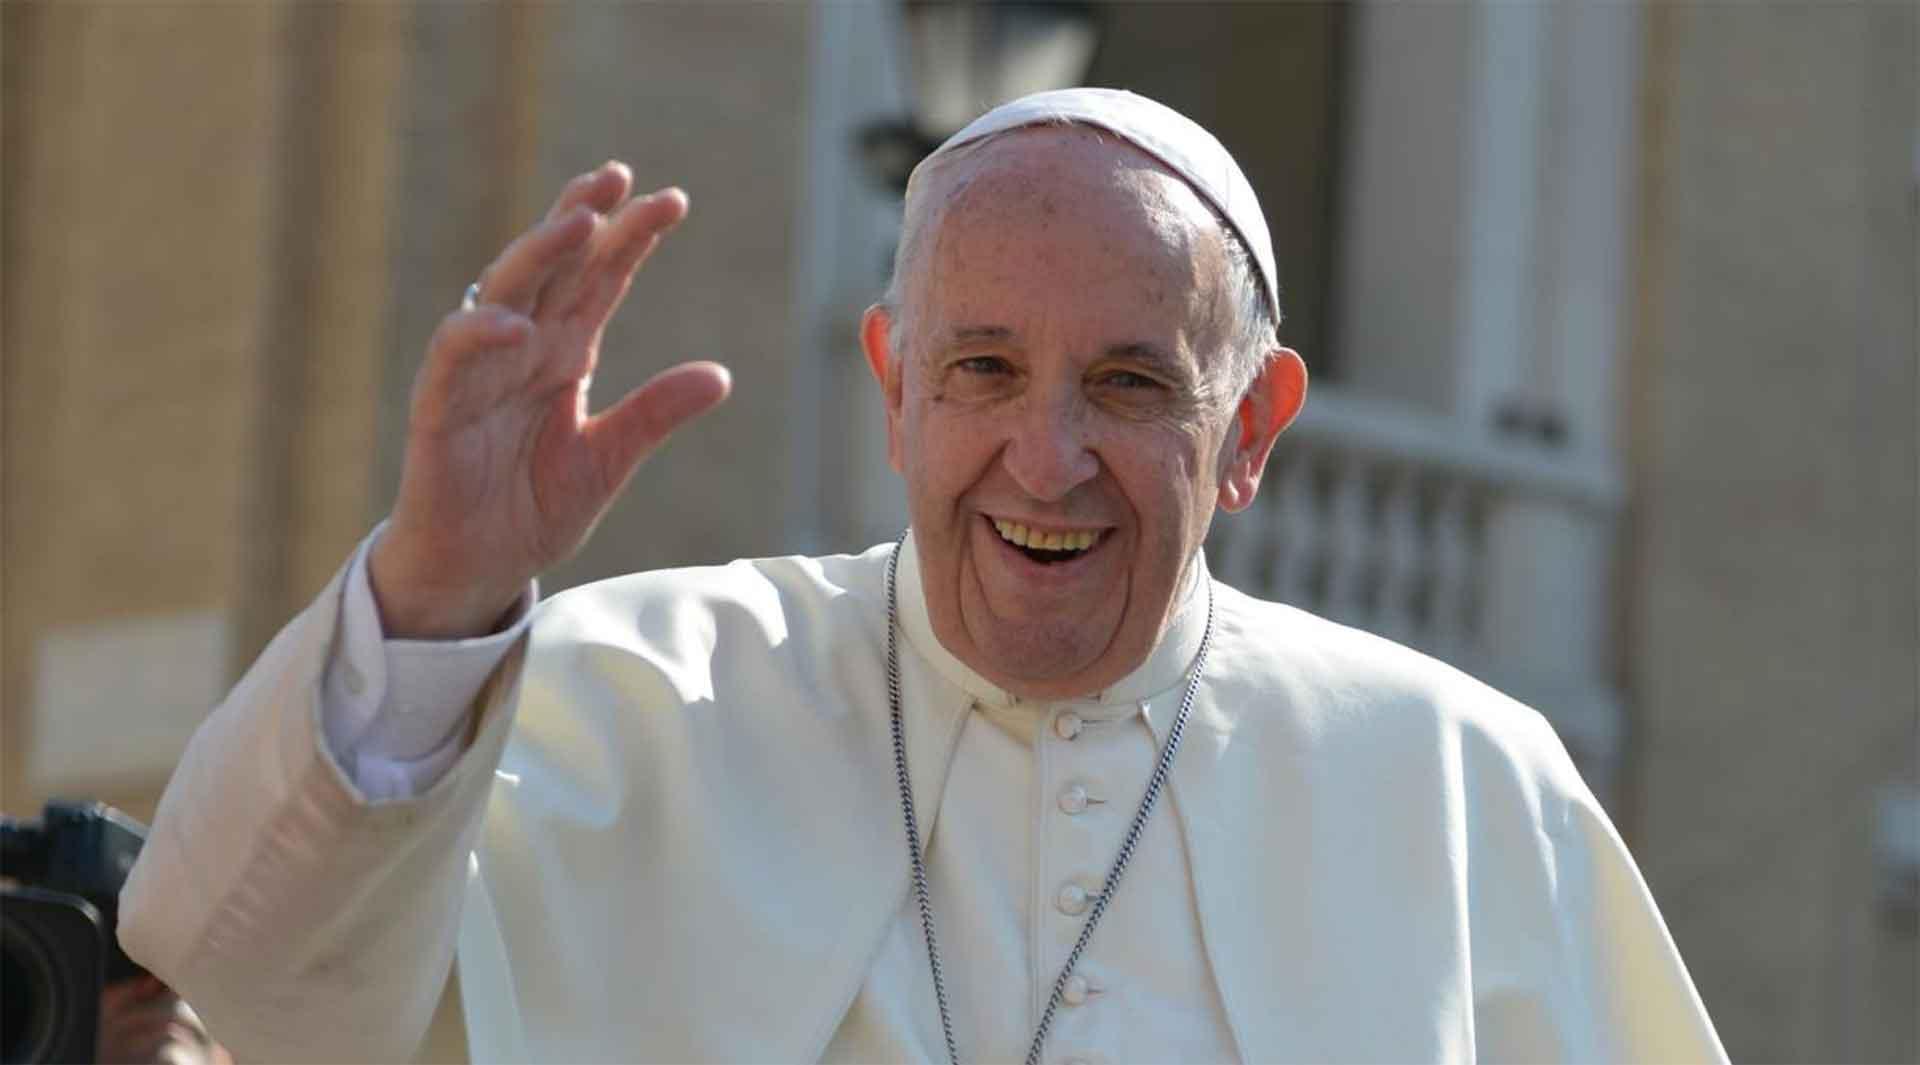 Papst Franziskus: Apostolische Reise in den Irak